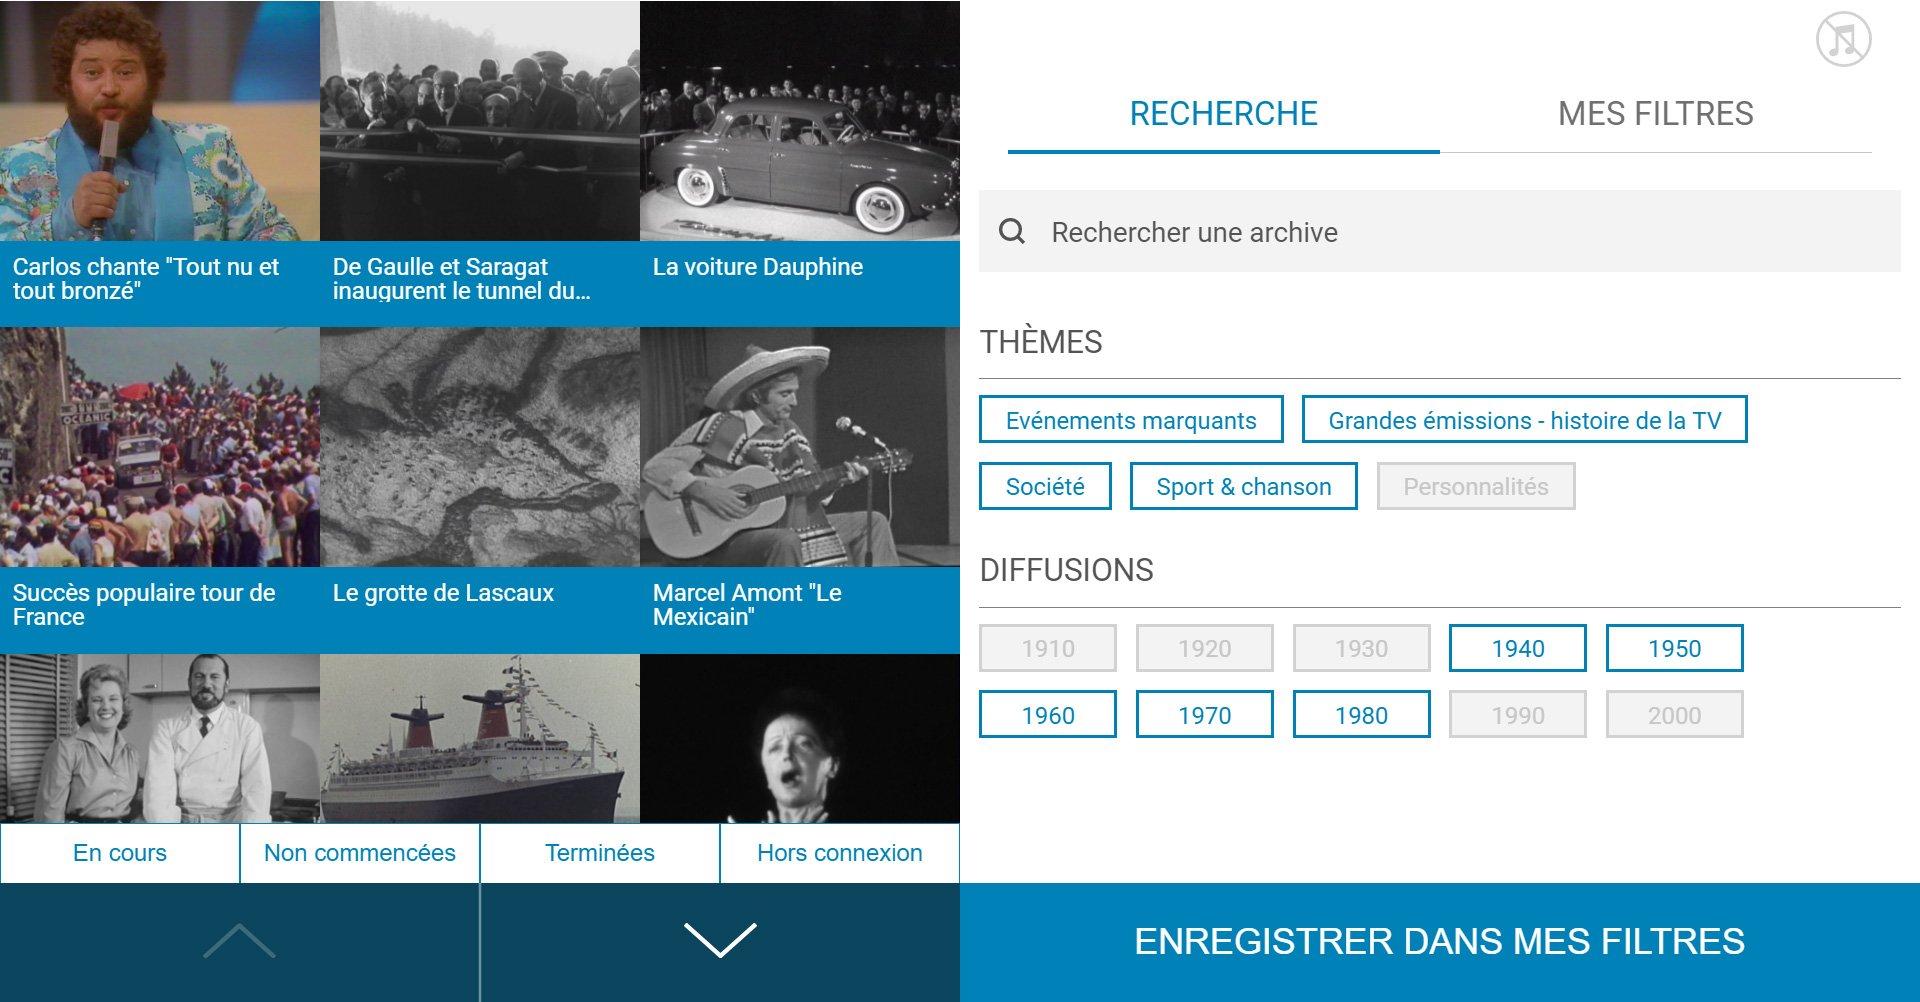 TVneurones Le Grand Jeu : logiciel qui utilise les archives vidéos de l'INA pour la stimuler les capacités cognitives des personnes âgées - écran sélection activité 2